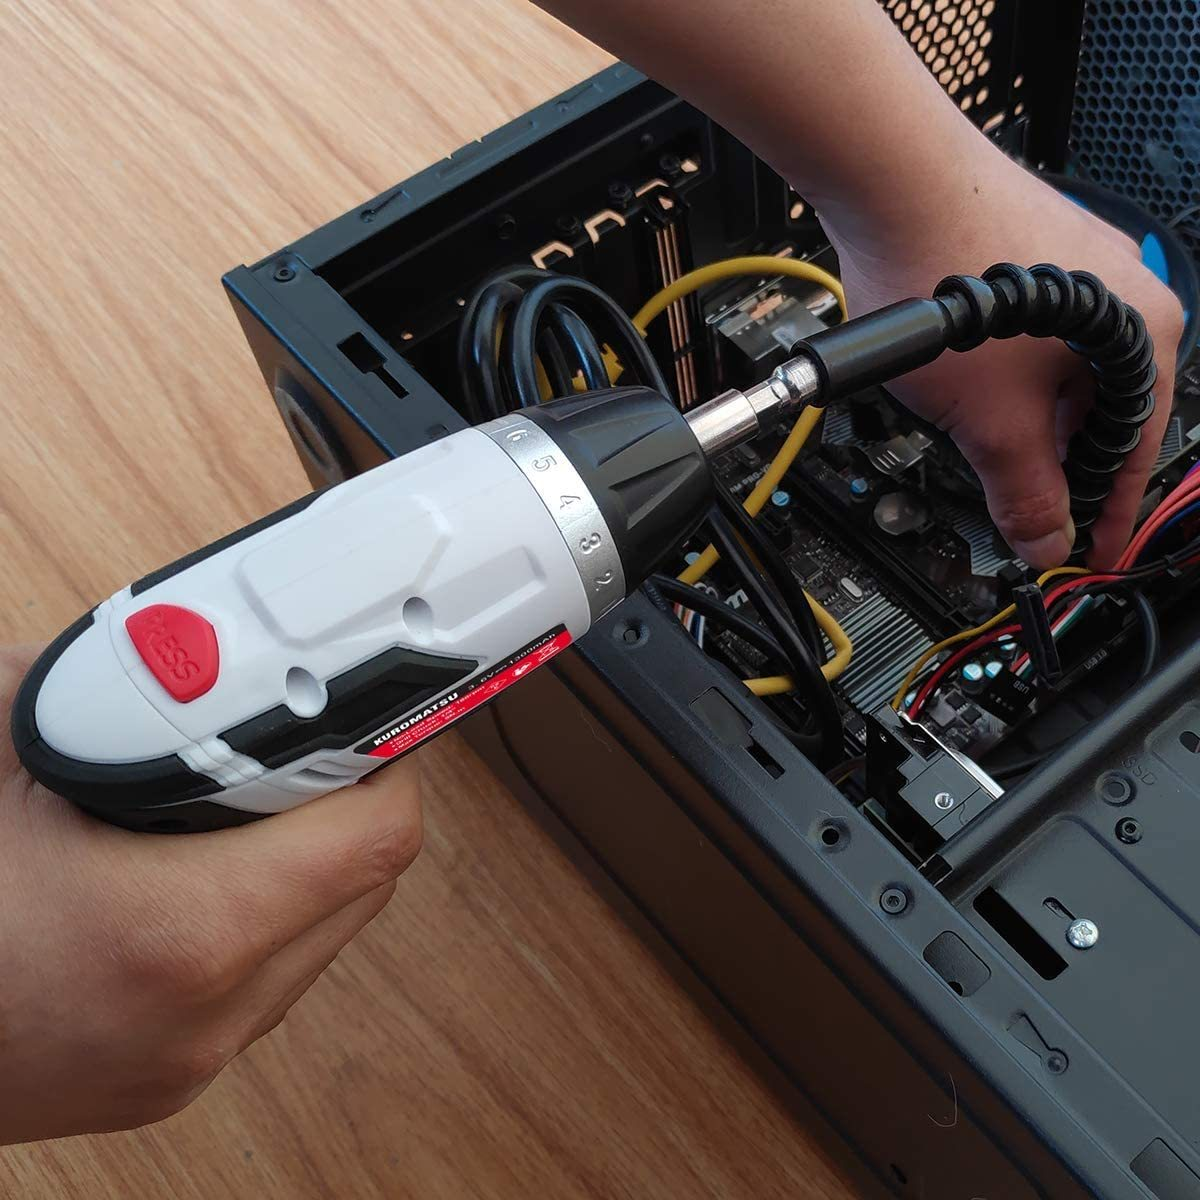 【限定1点】電動ドライバー 電動ドリル 44本ビット1本延長棒 正逆転切り替え トルク調整可 LEDライト付き USB充電ケーブル付き Kuromatsu_画像8